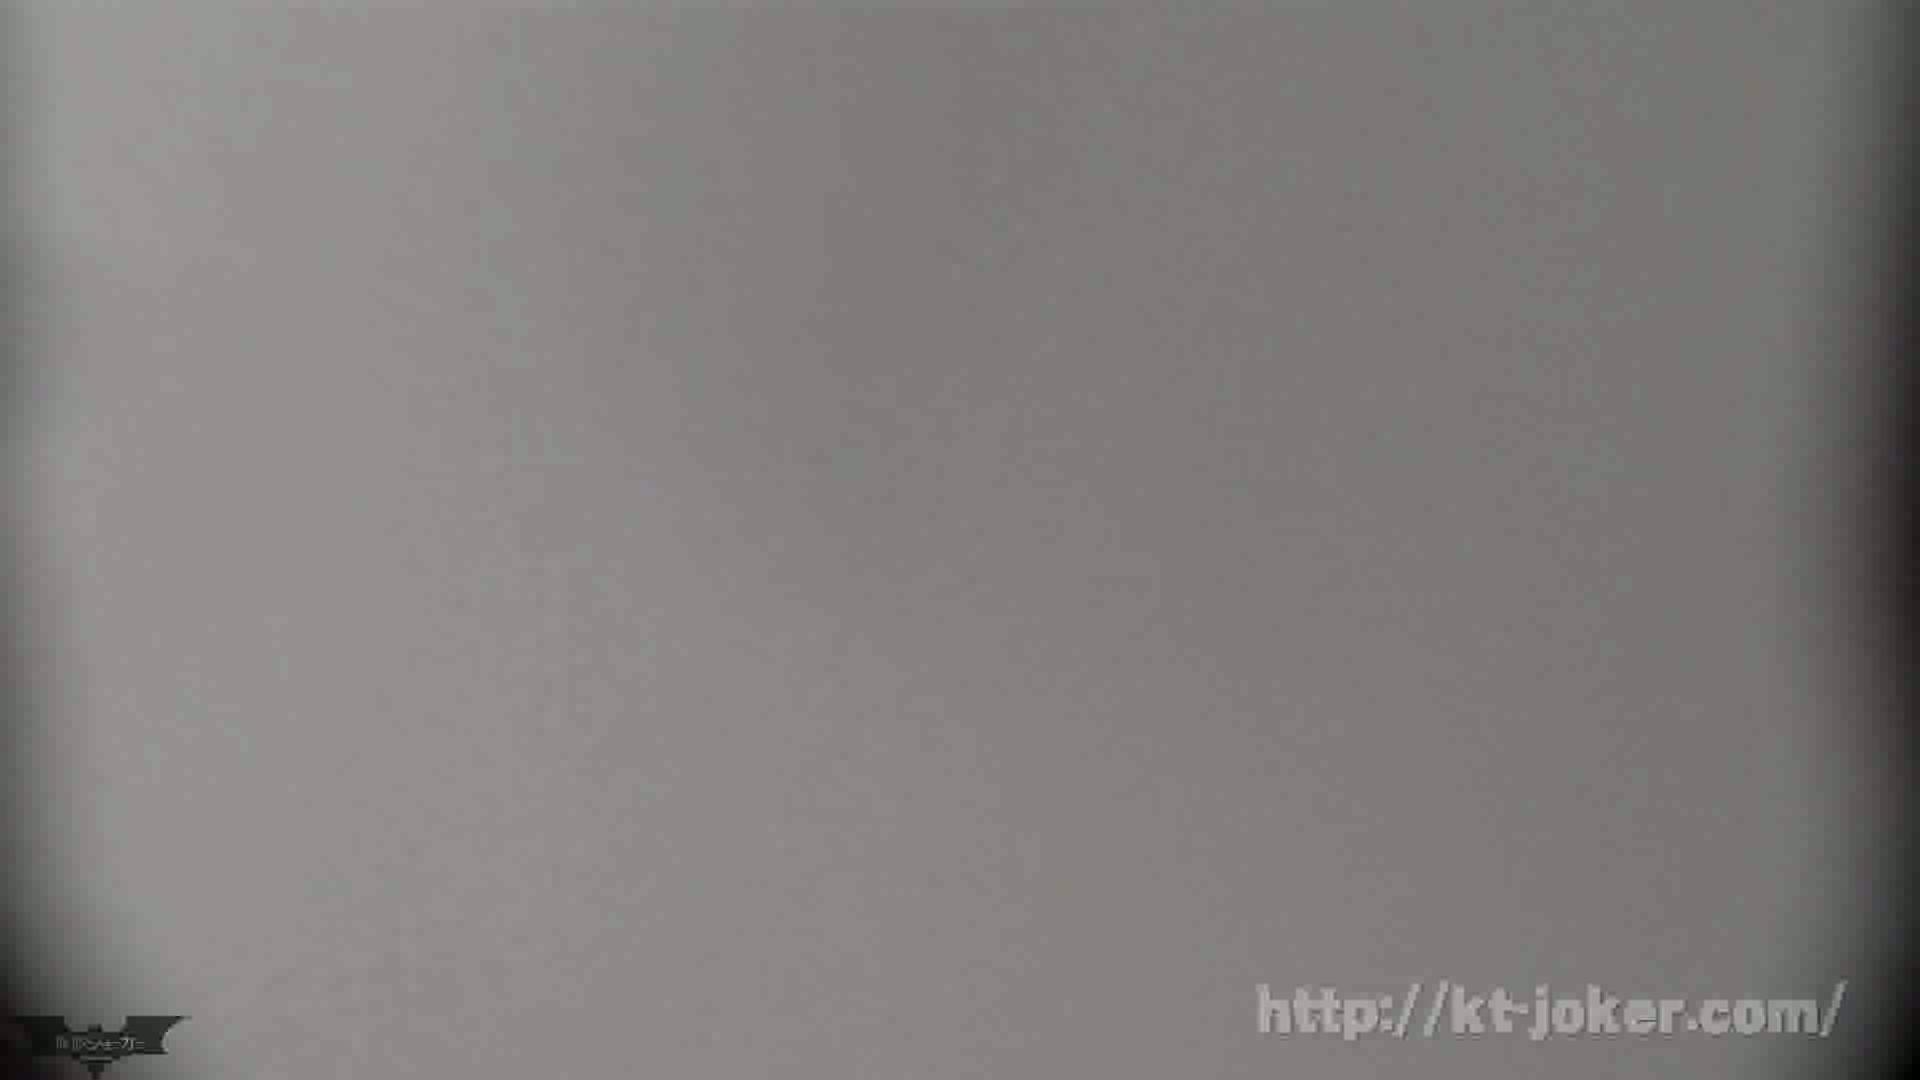 命がけ潜伏洗面所! vol.59 来ました。最高作の予感!美しい OLヌード天国 スケベ動画紹介 76PIX 20